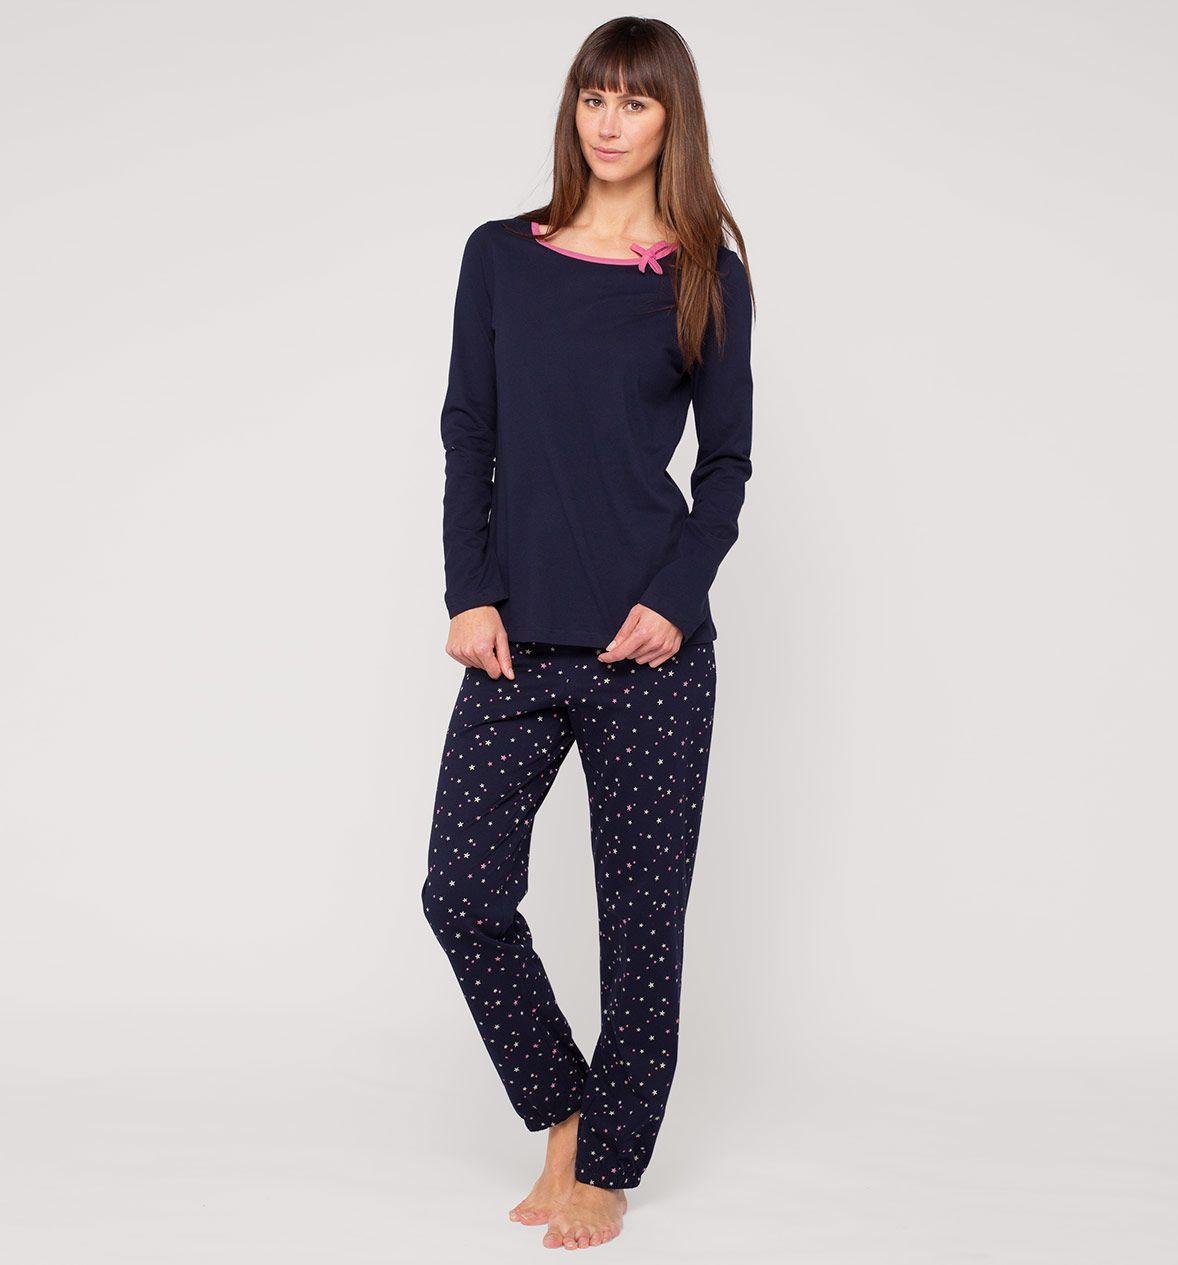 Pijama C A Vestidos De Mujer Moda Estilo Coleccion De Vestidos